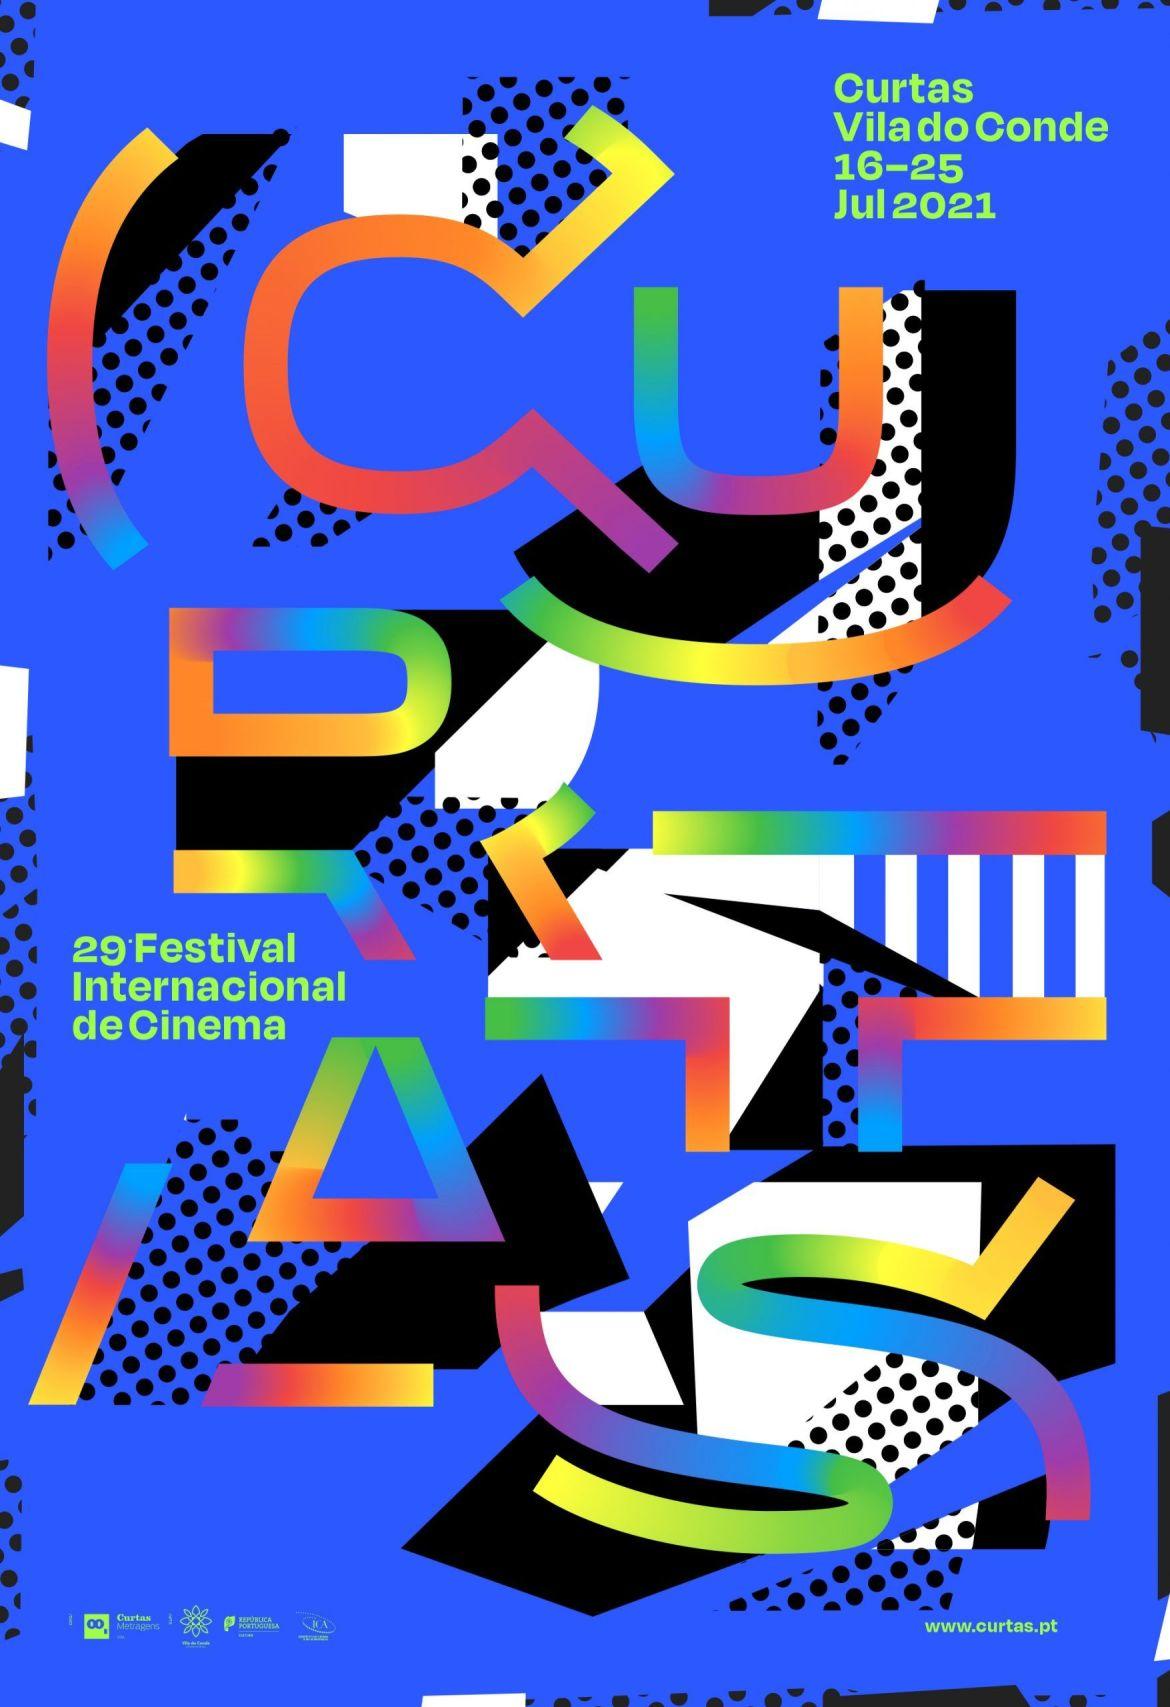 Curtas_2021-06-14_WEB_CARTAZ-BASE